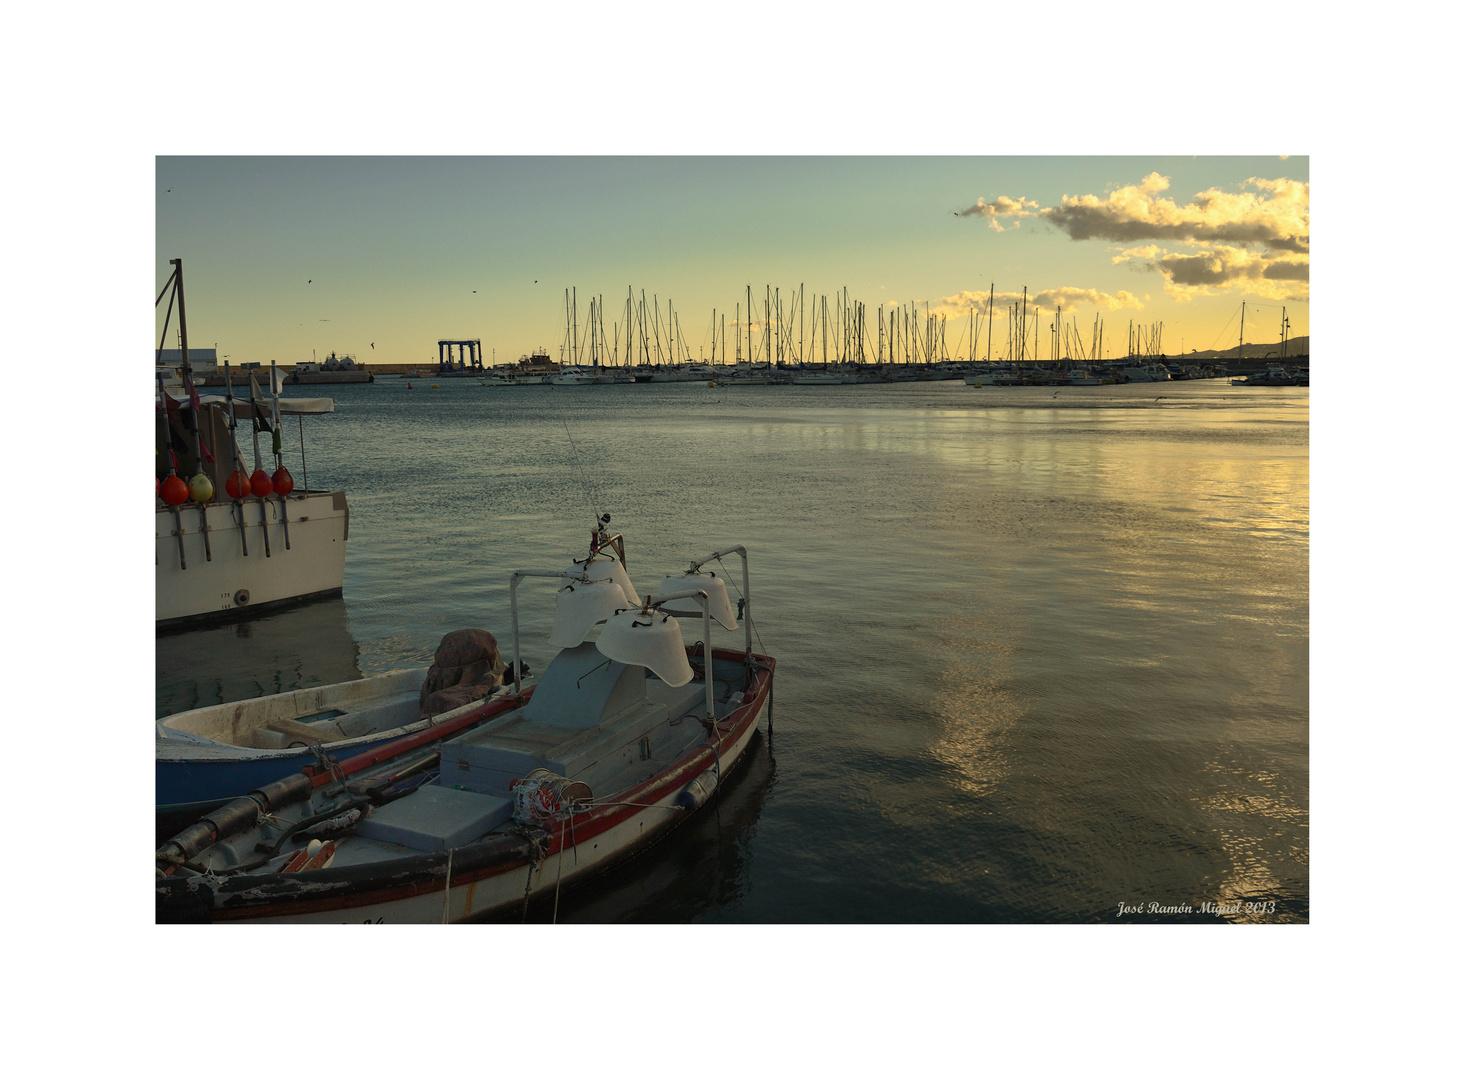 Puerto de Vinaros. 1